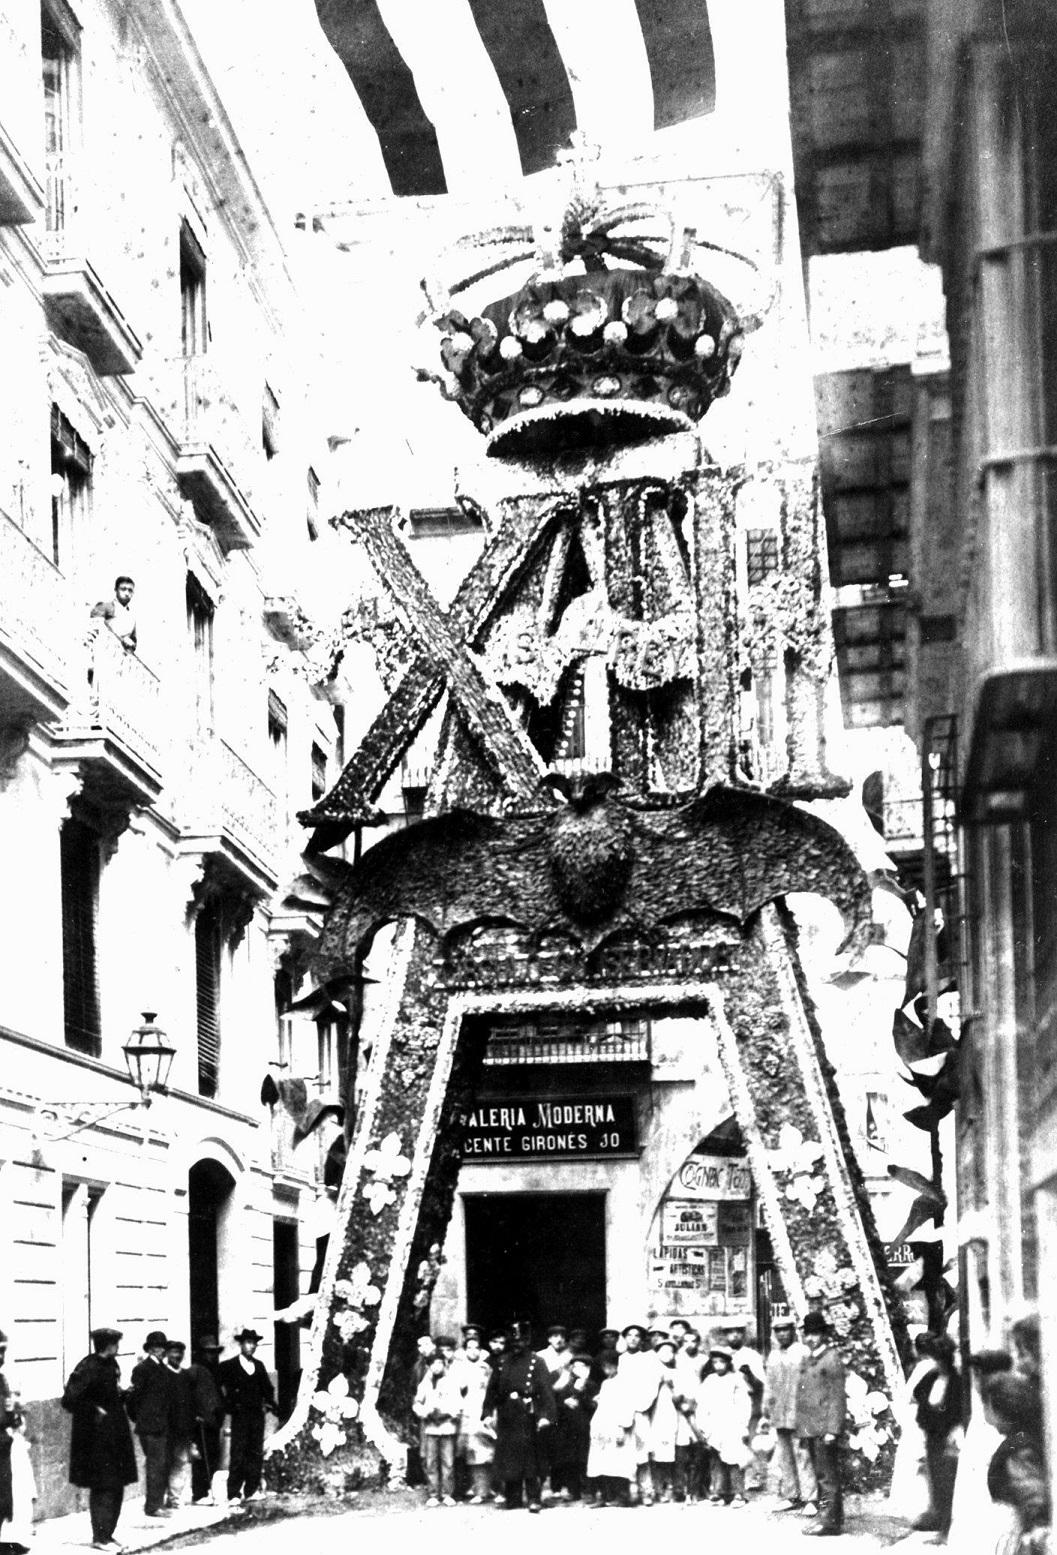 Motivos dispuestos para la visita de Alfonso XIII. Fuente:  http://valenpedia.lasprovincias.es/